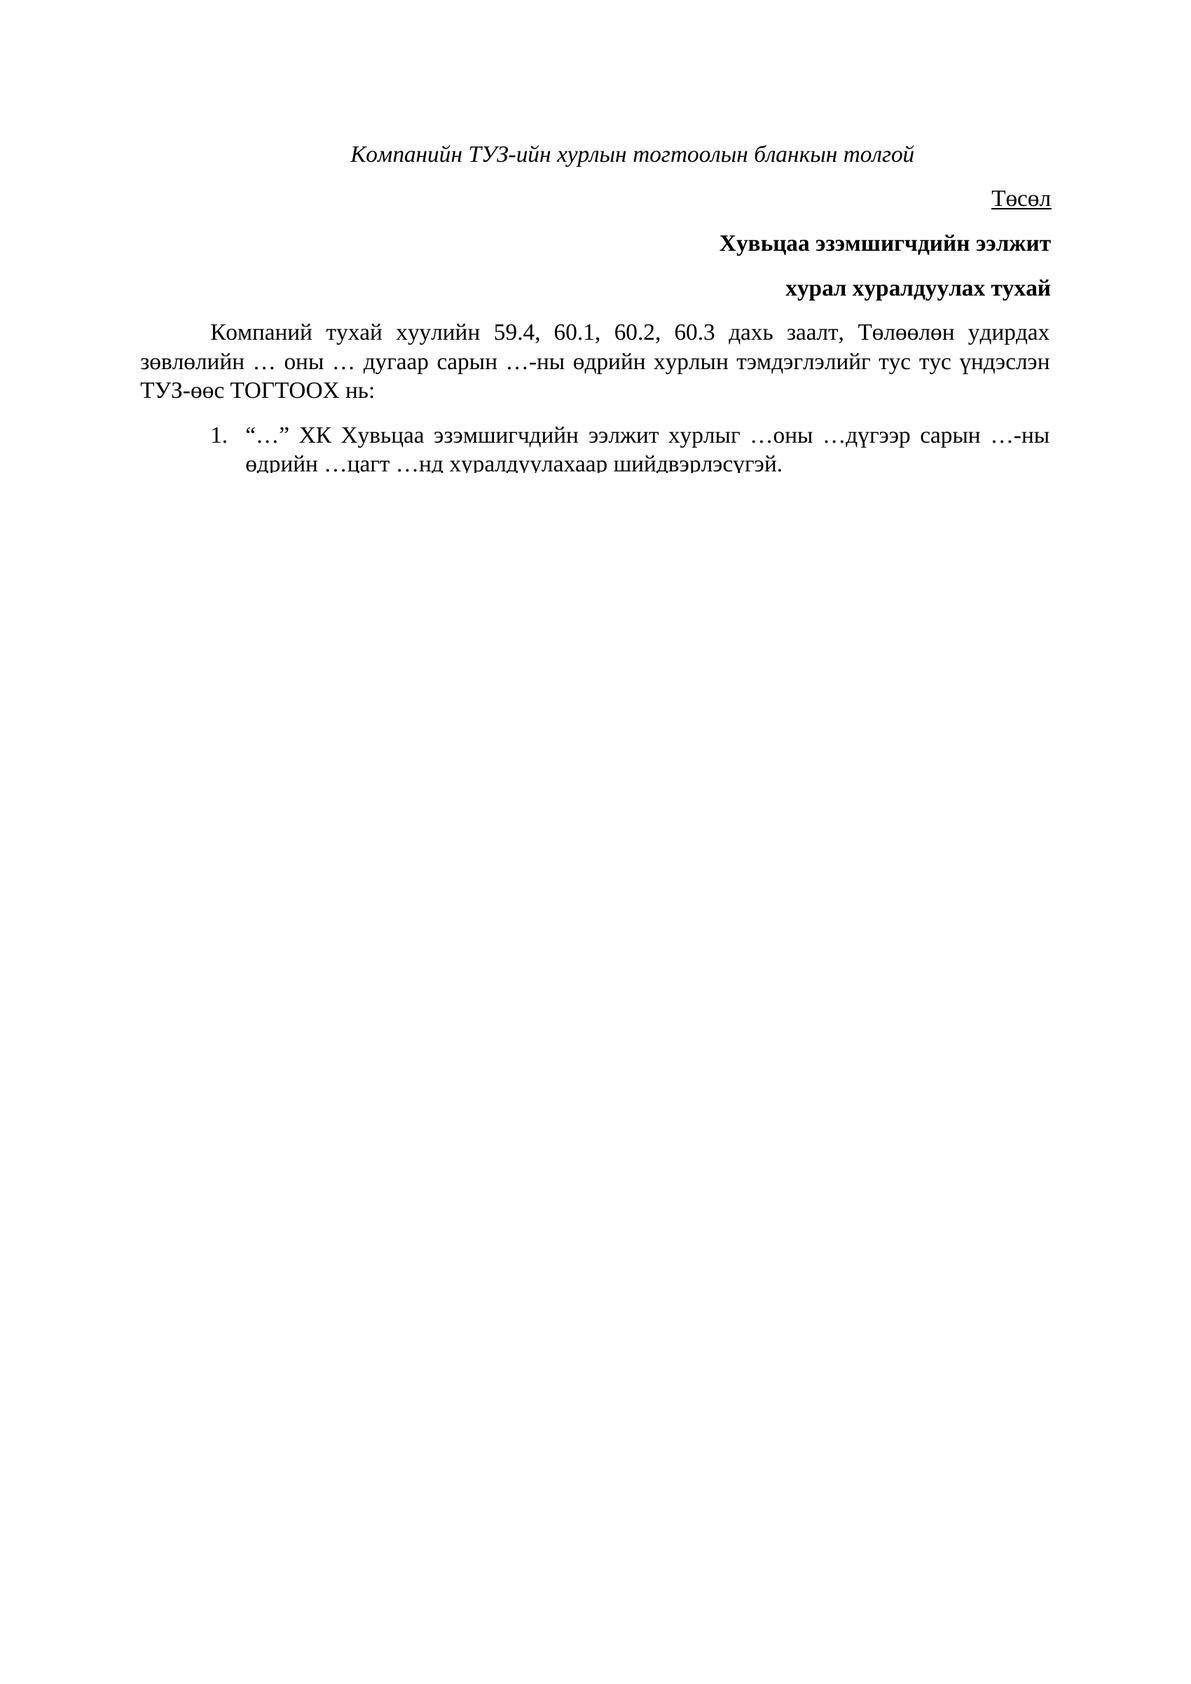 ХЭЭХ-ыг хуралдуулахтай холбоотой багц баримт бичиг -0